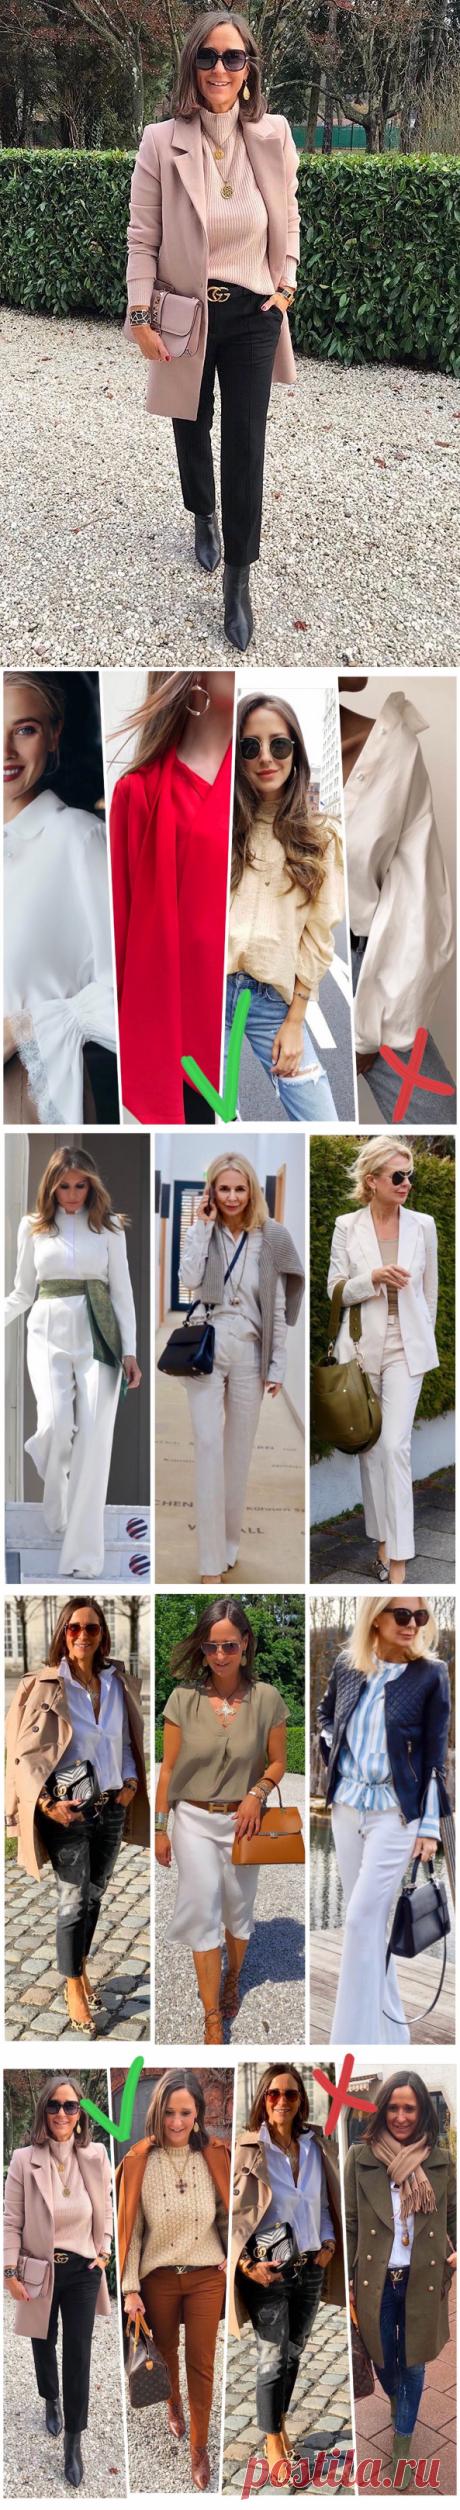 Рекомендации трендов 2020 для невысоких женщин. Что выбрать, и как выглядеть стильней?   Мода вне времени   Яндекс Дзен